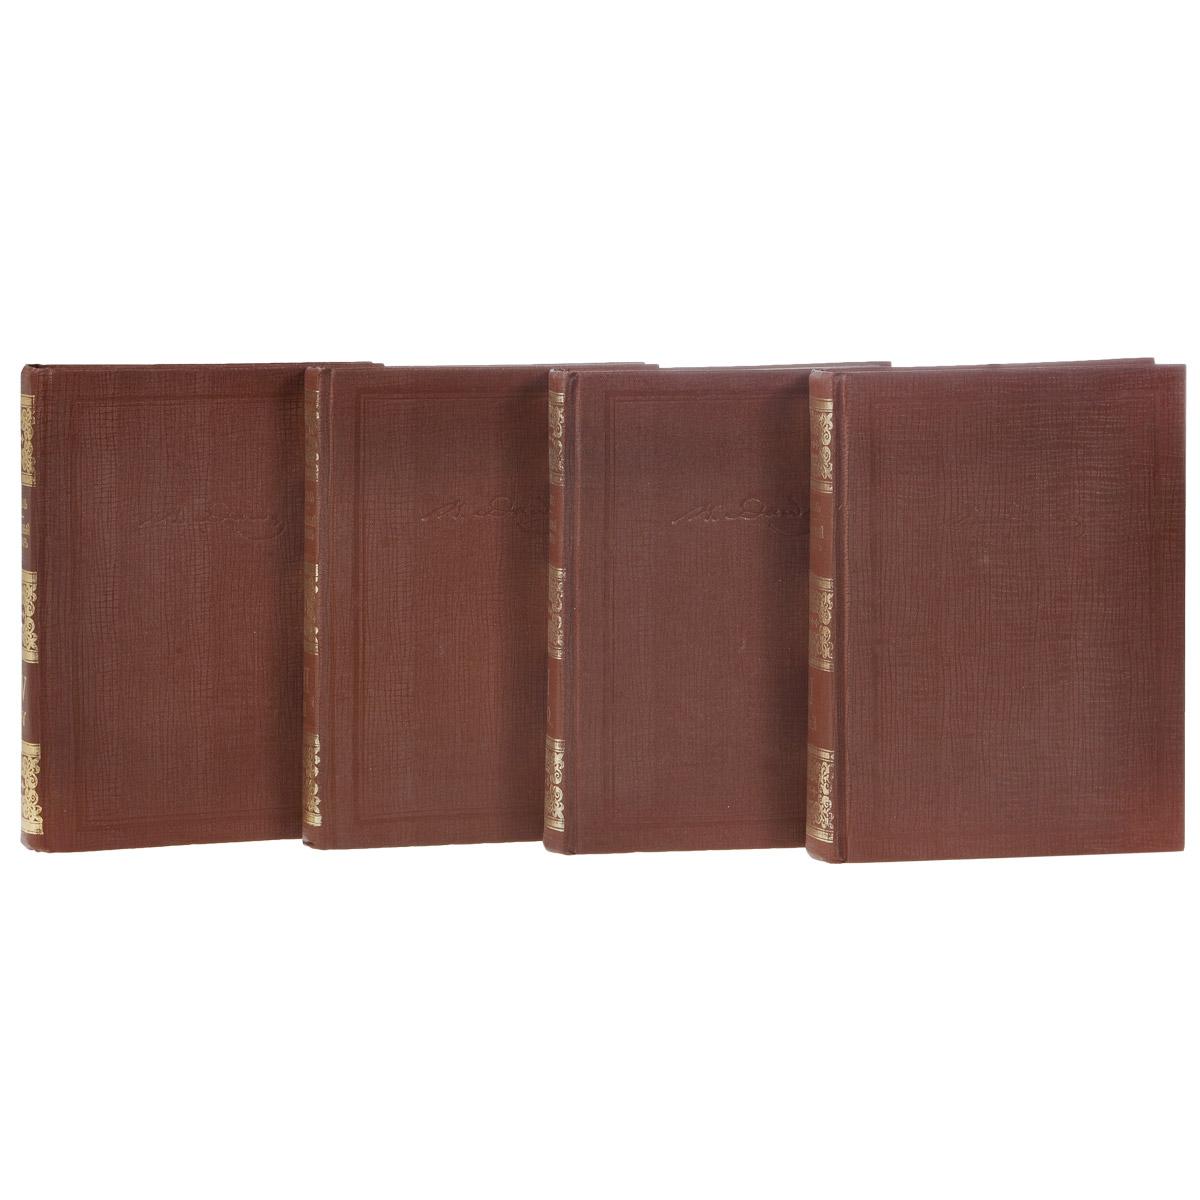 Толковый словарь живого великорусского языка. В 4 томах (комплект из 4 книг)